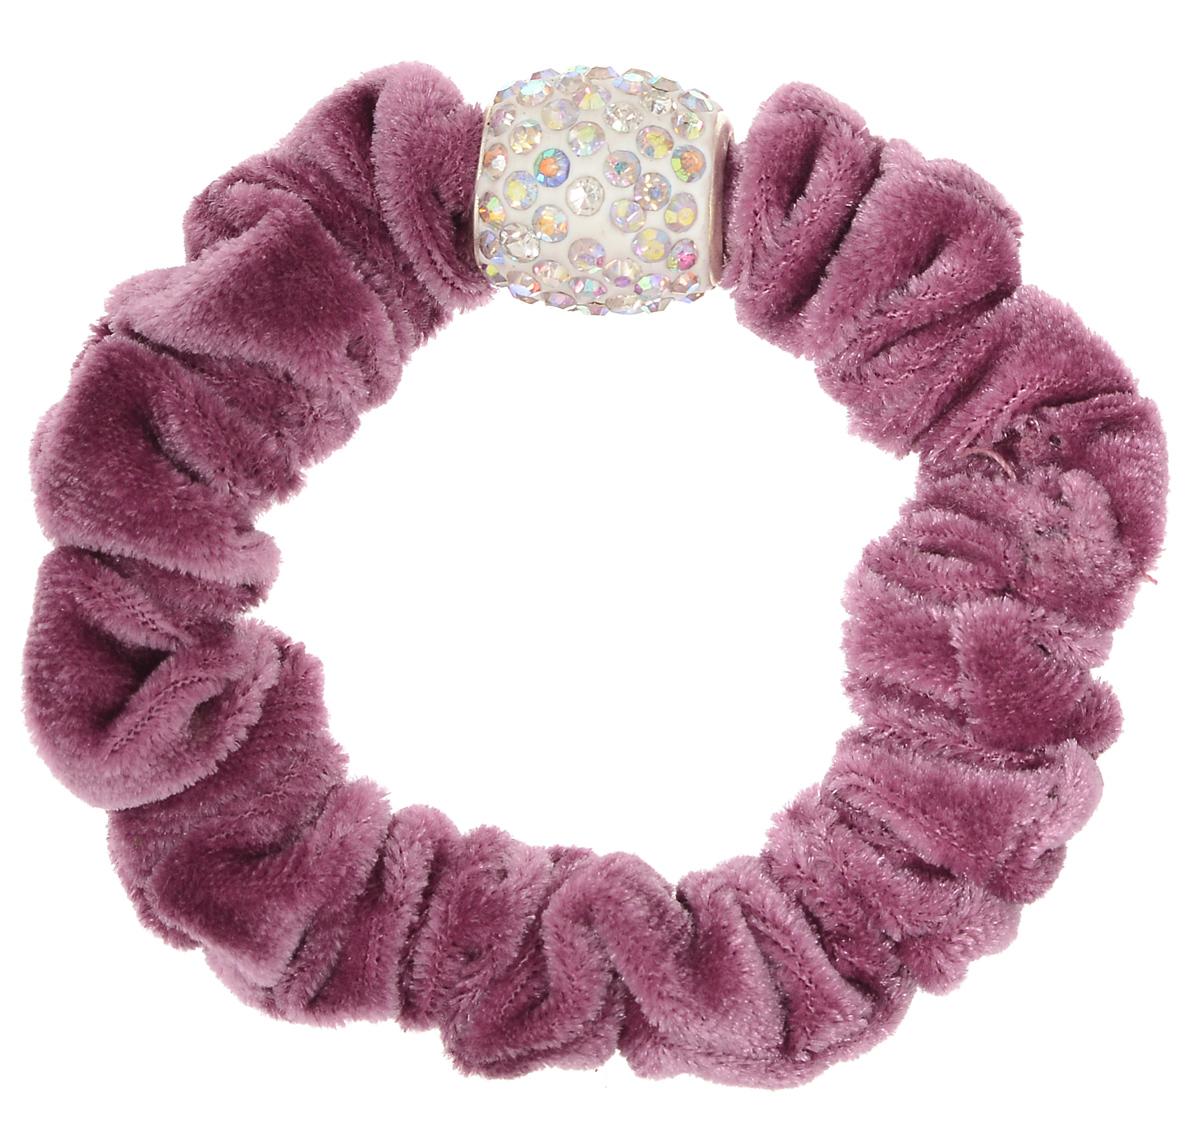 Baby's Joy Резинка для волос цвет розовый VT 146